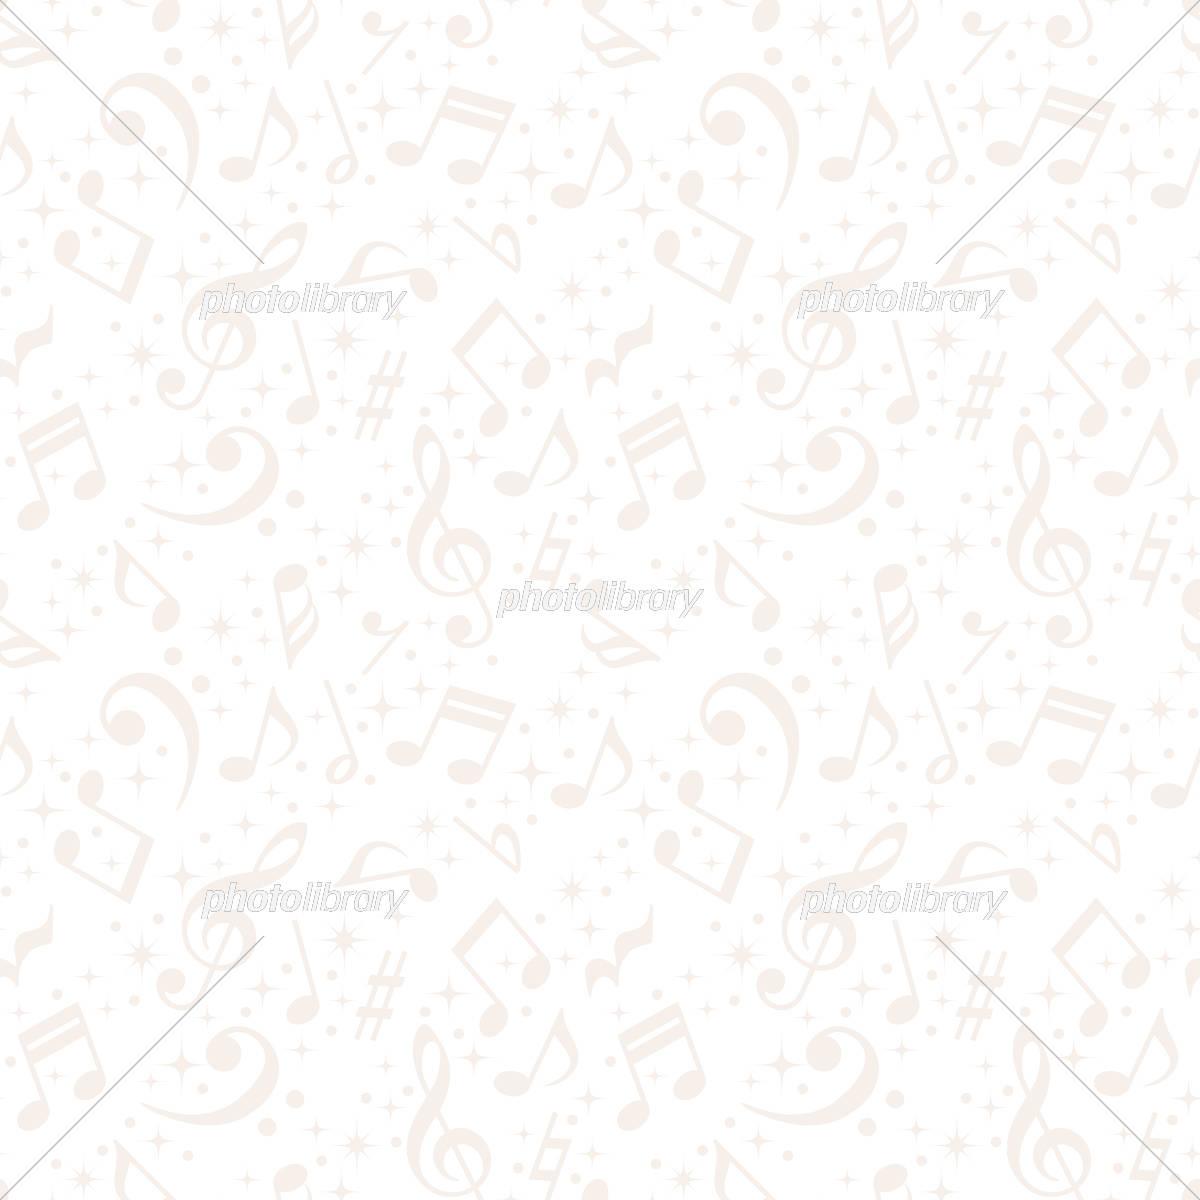 弦楽器のイラスト 楽器 白背景 音楽 イラスト素材 6192890